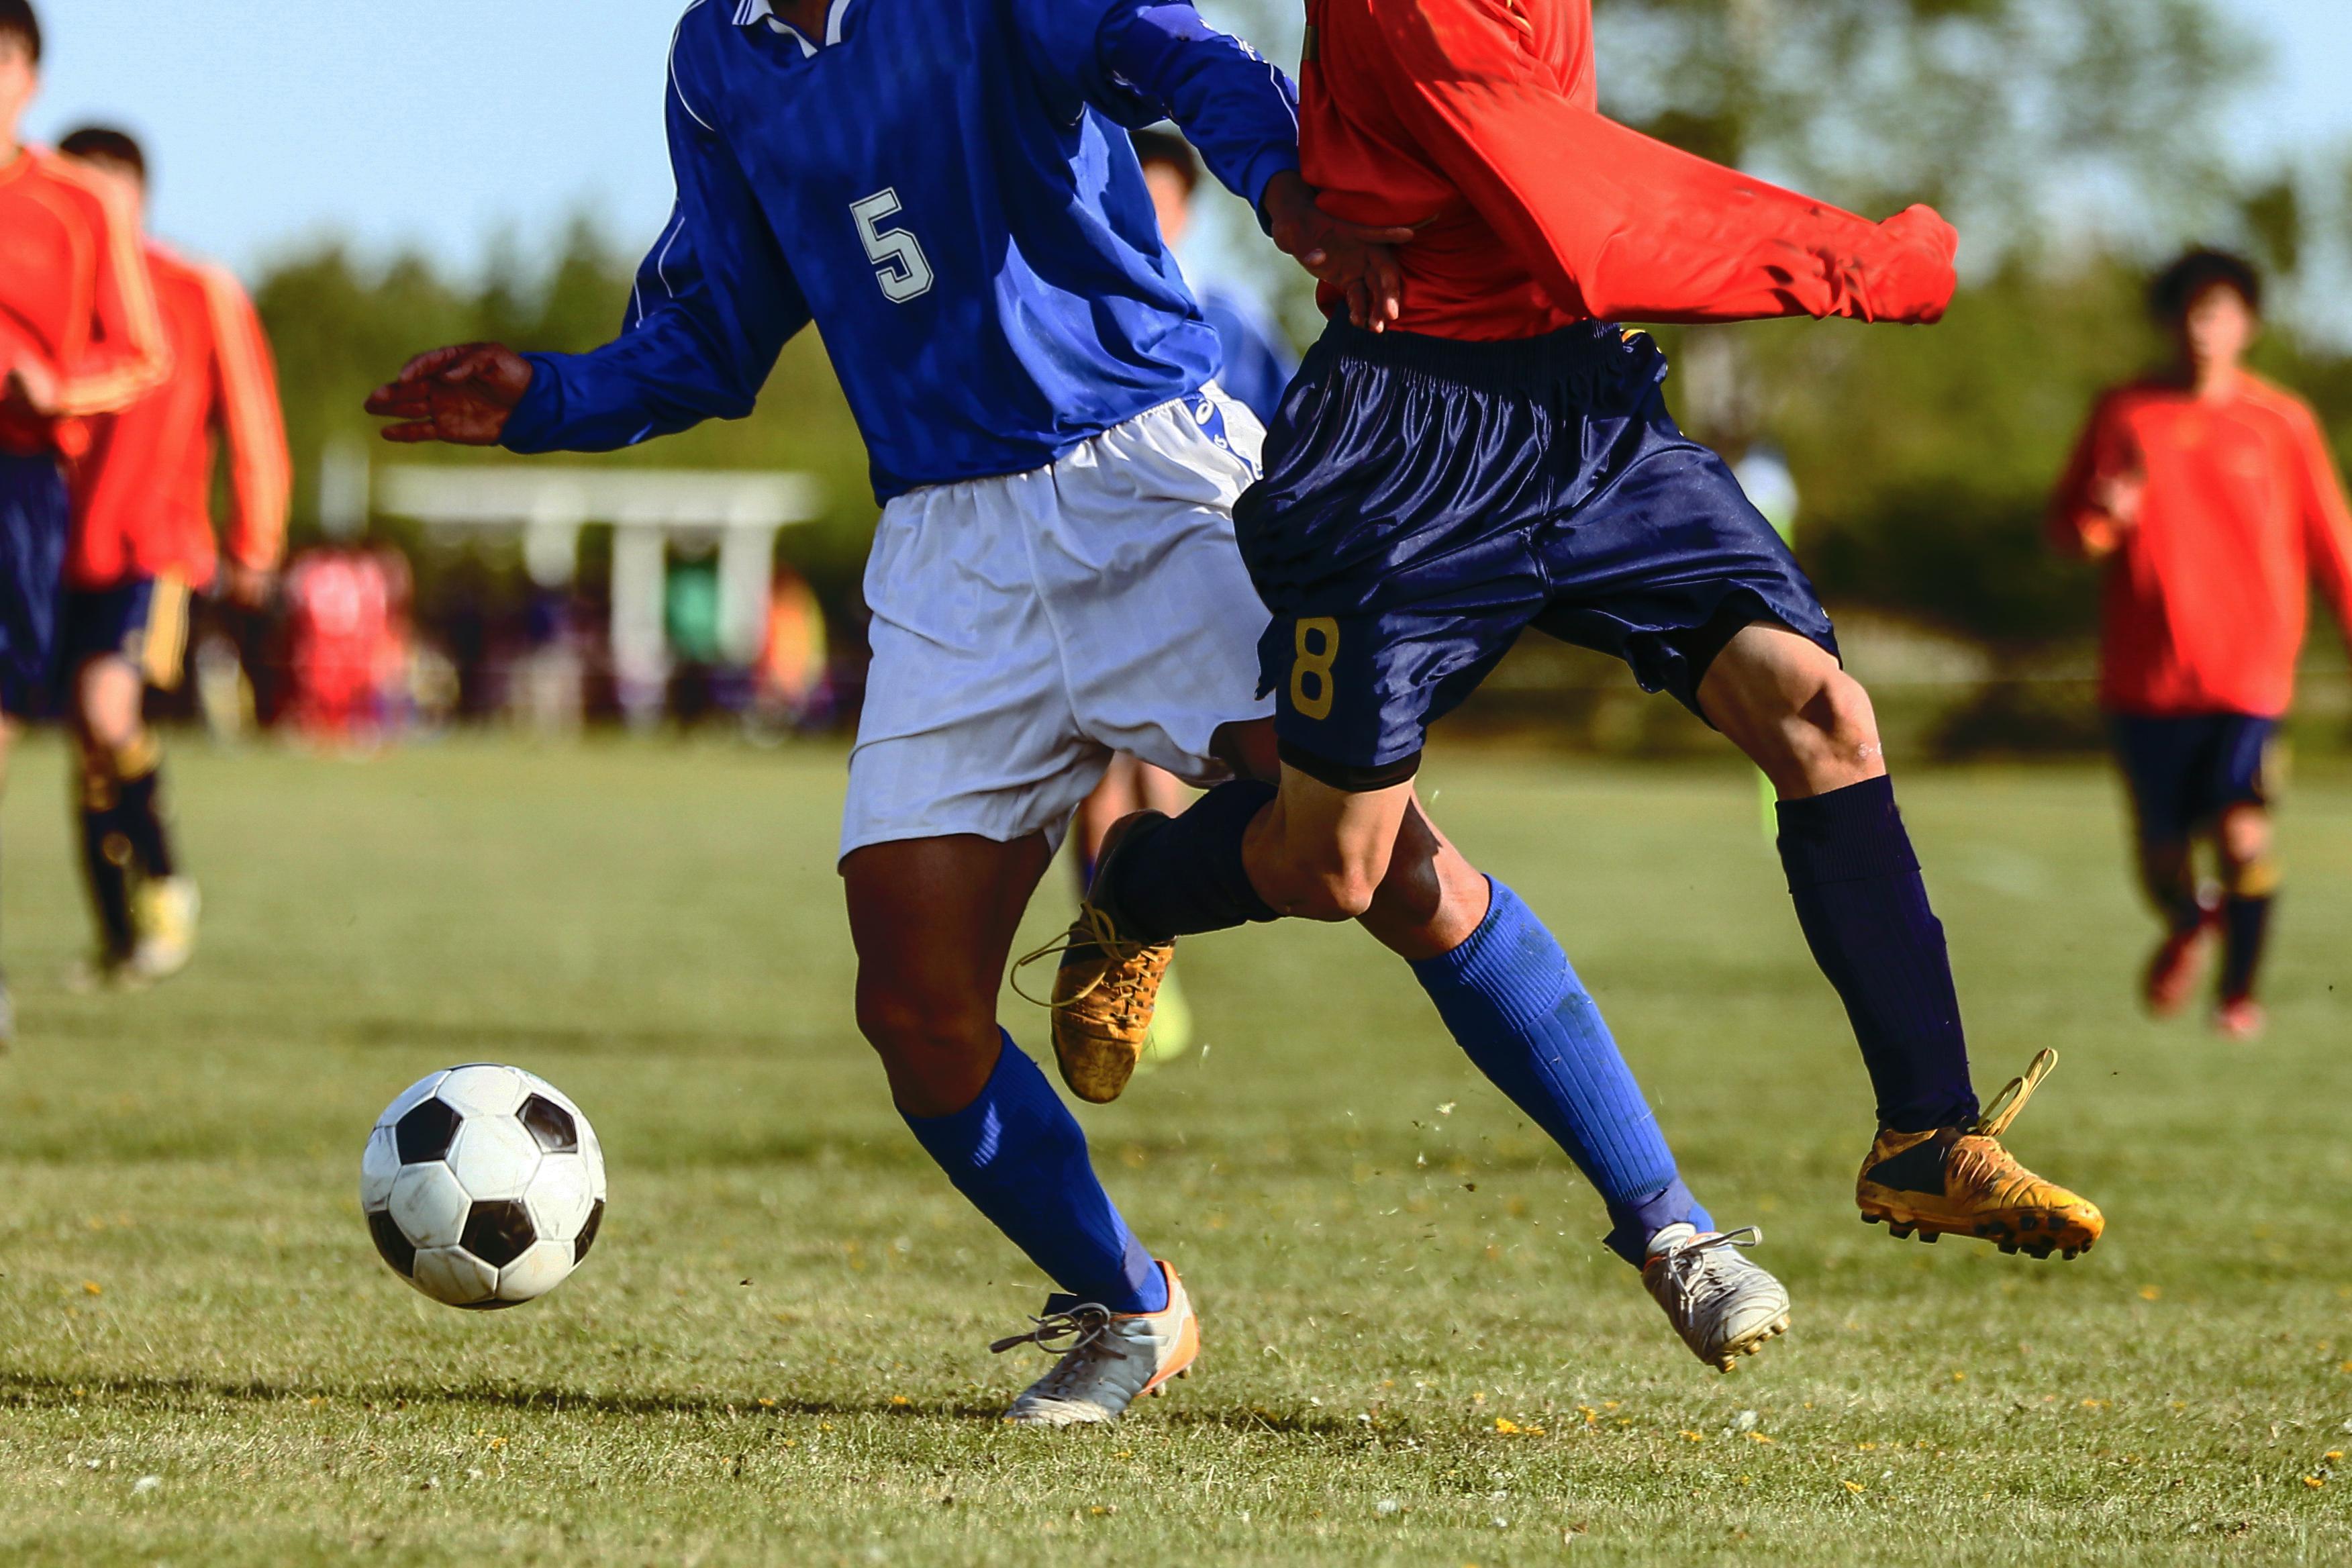 SOUTH OAK FOOTBALL CLUB